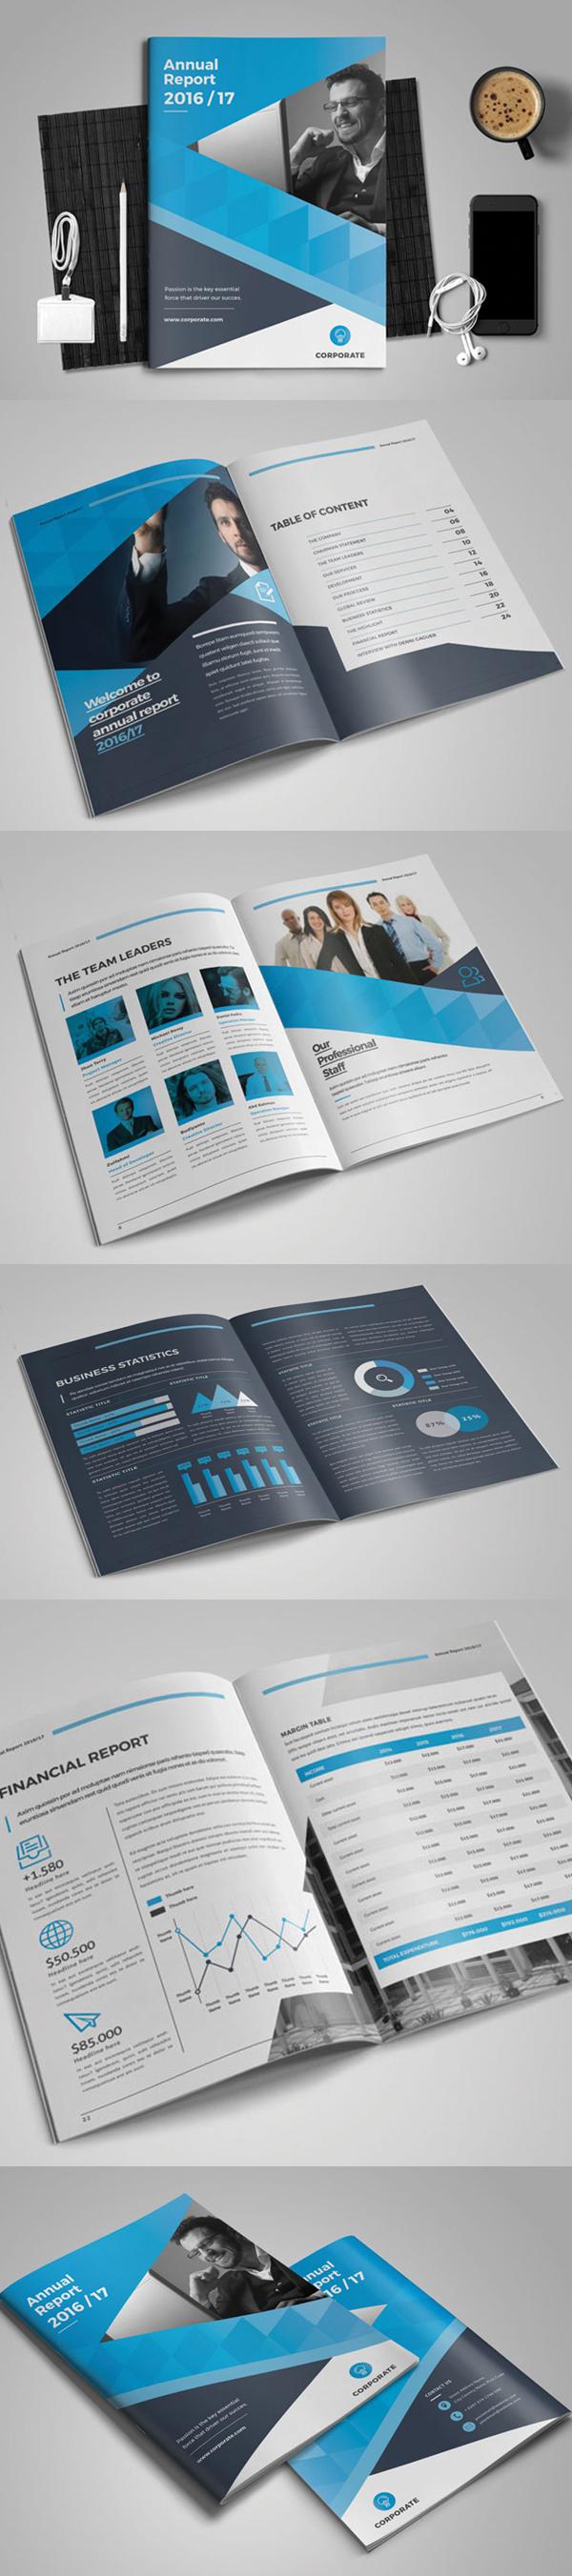 013 brochure design